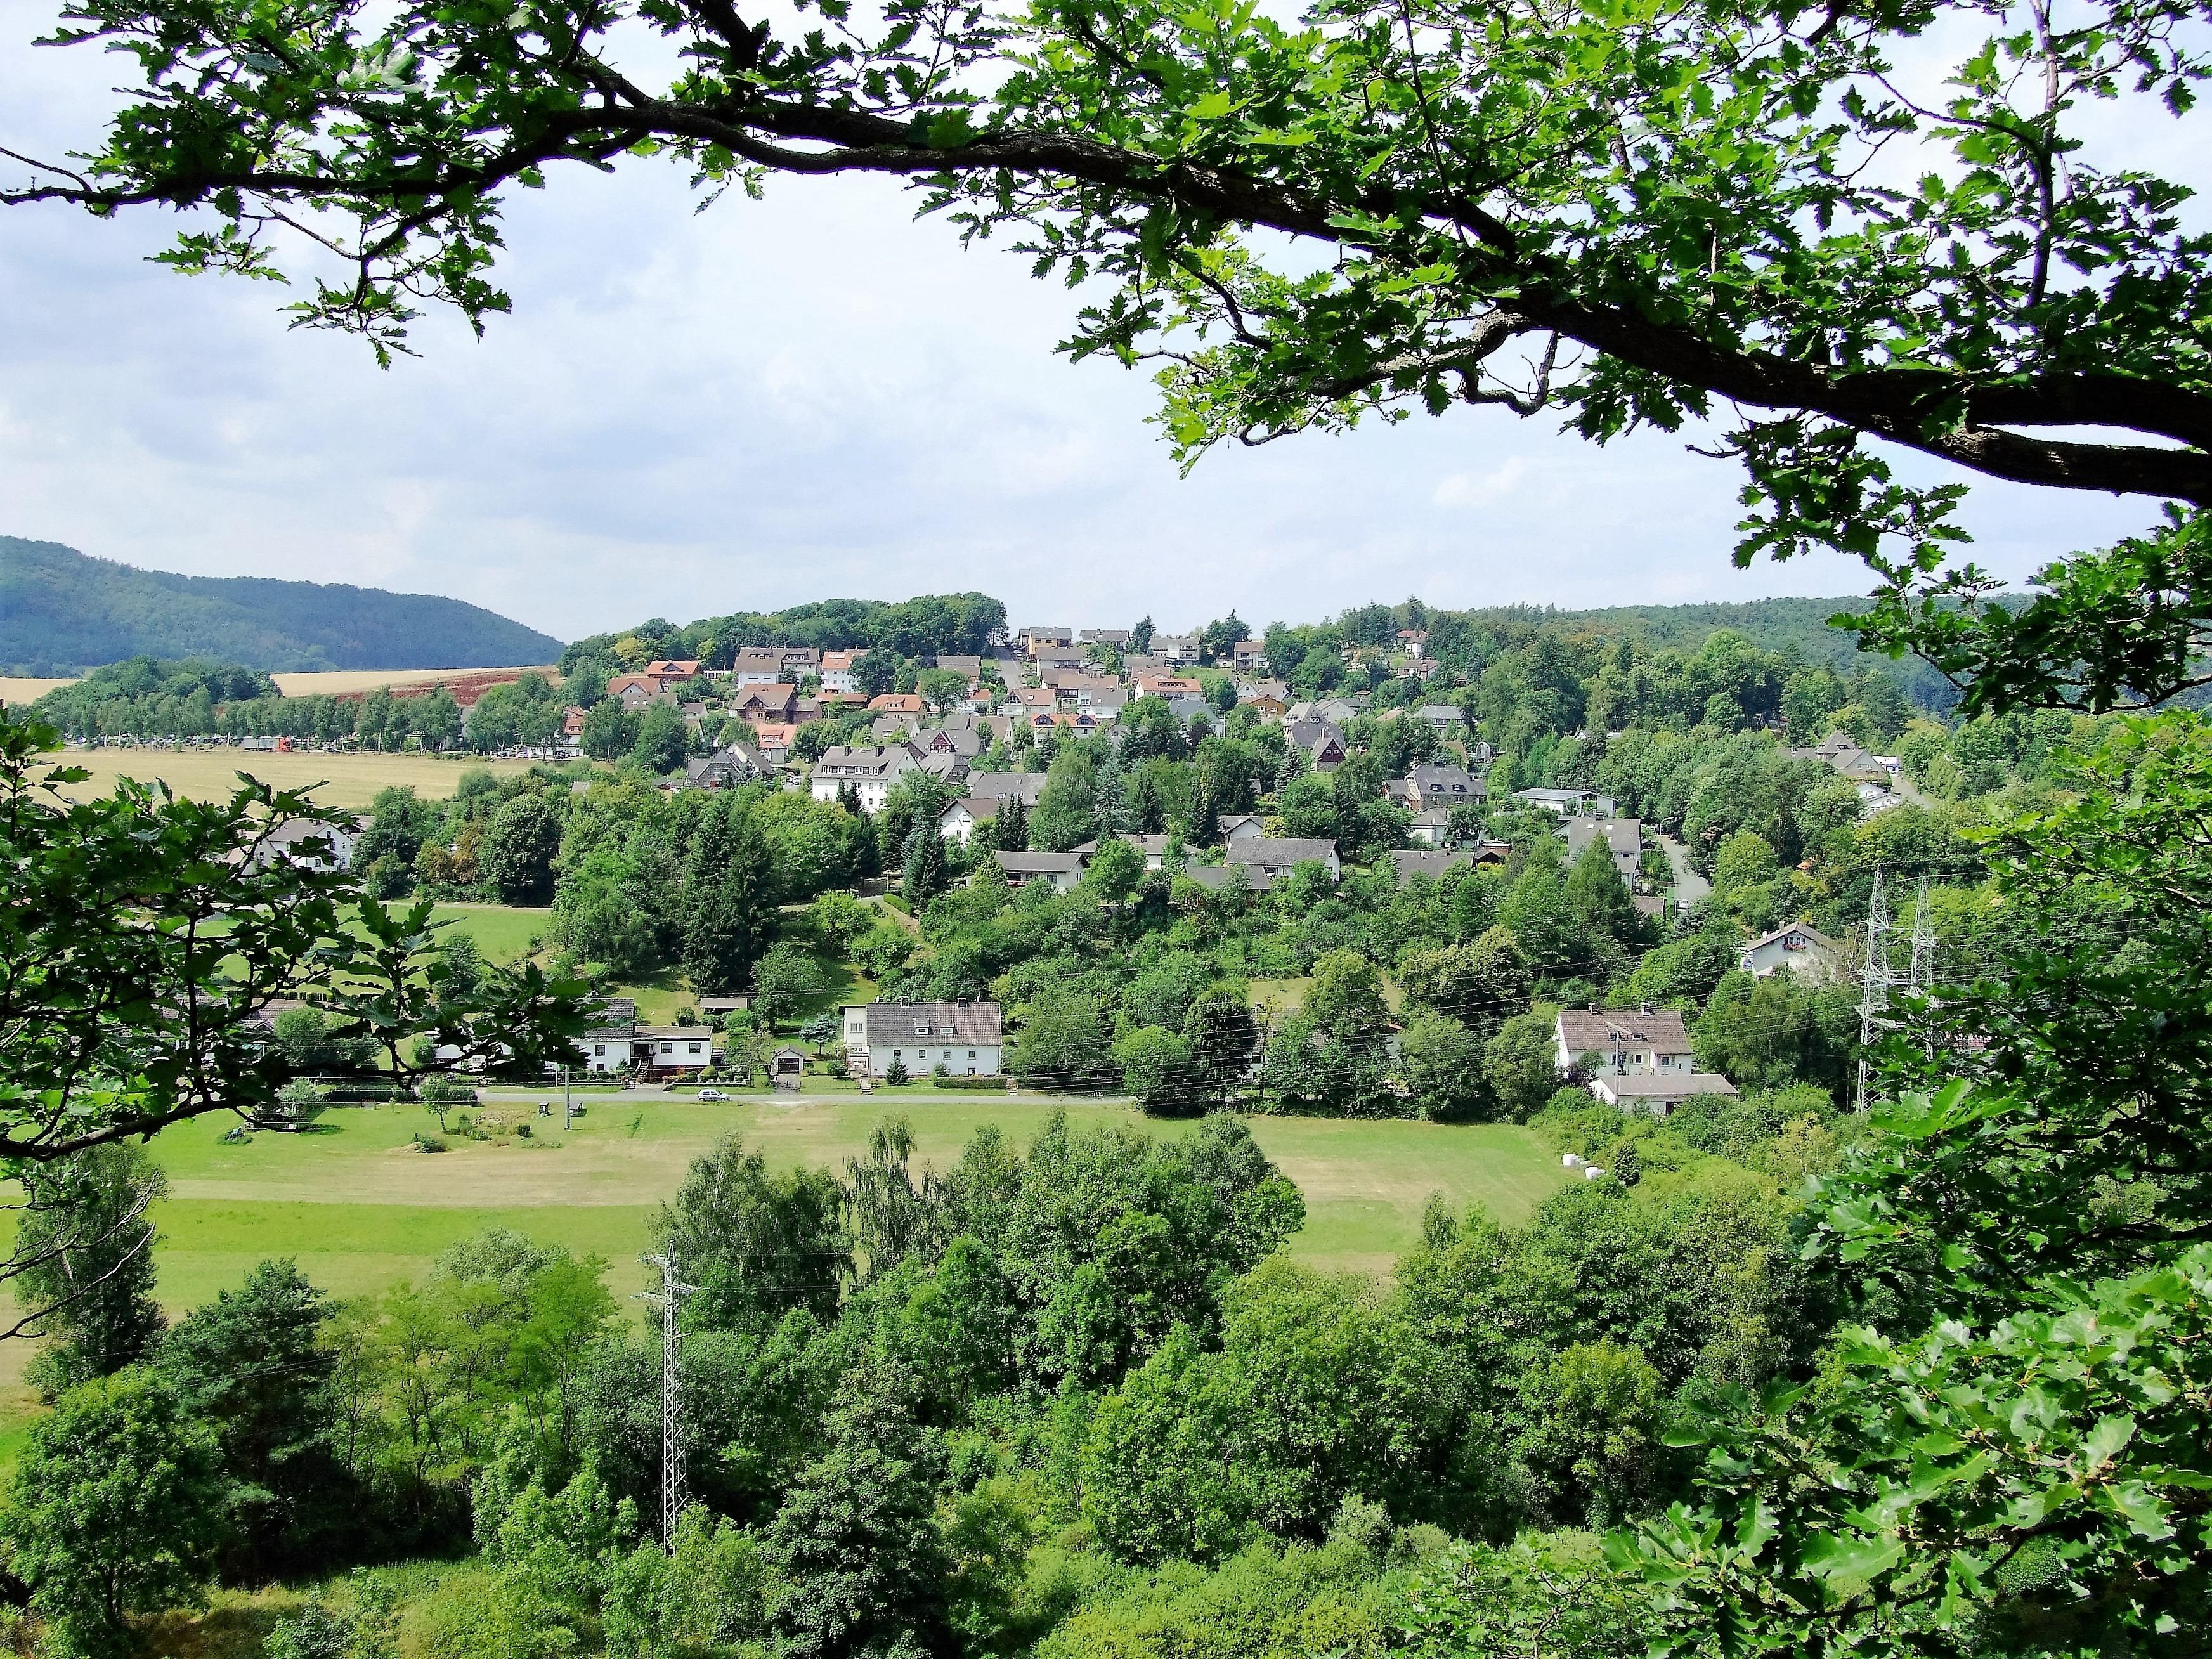 Blick von der Edersee-Randstraße auf das Dorf Edersee. (Foto: Uli Klein)